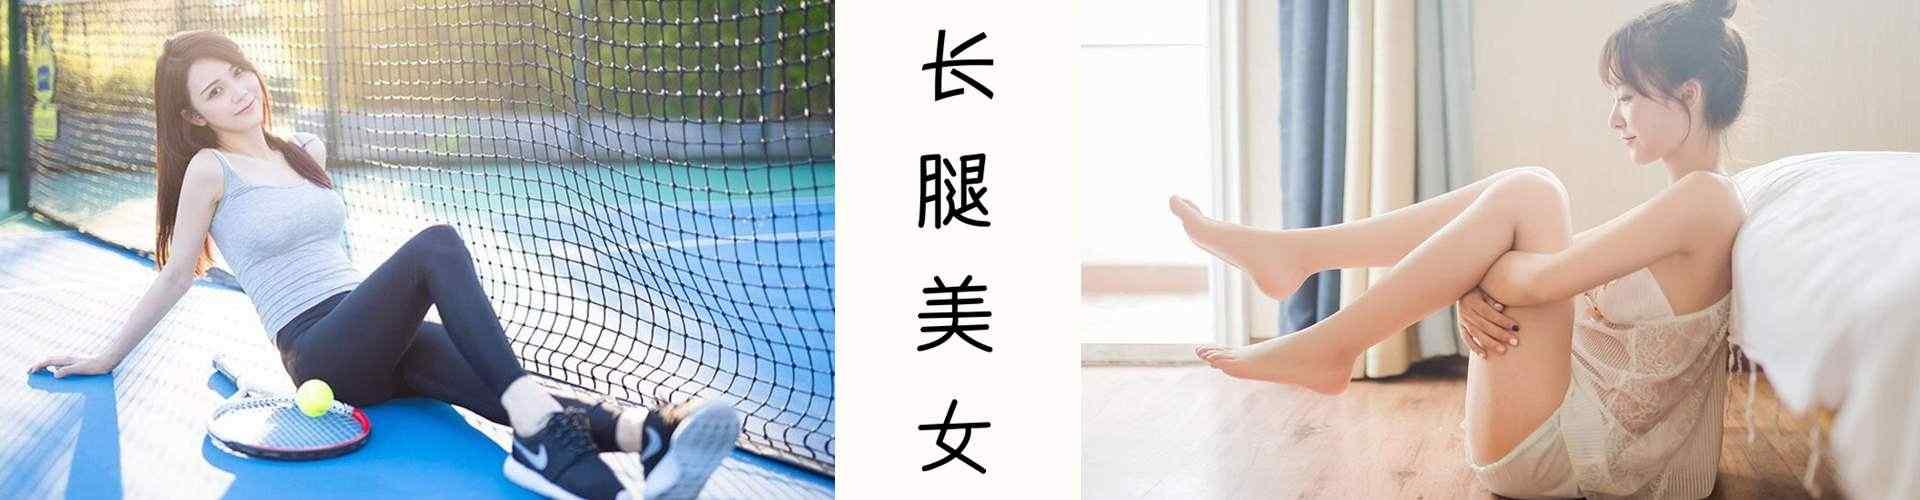 長腿rang)瑯 計性感美女圖片_大長腿rang)瑯美女私房照圖片_高清(qing)美女壁紙(zhi)